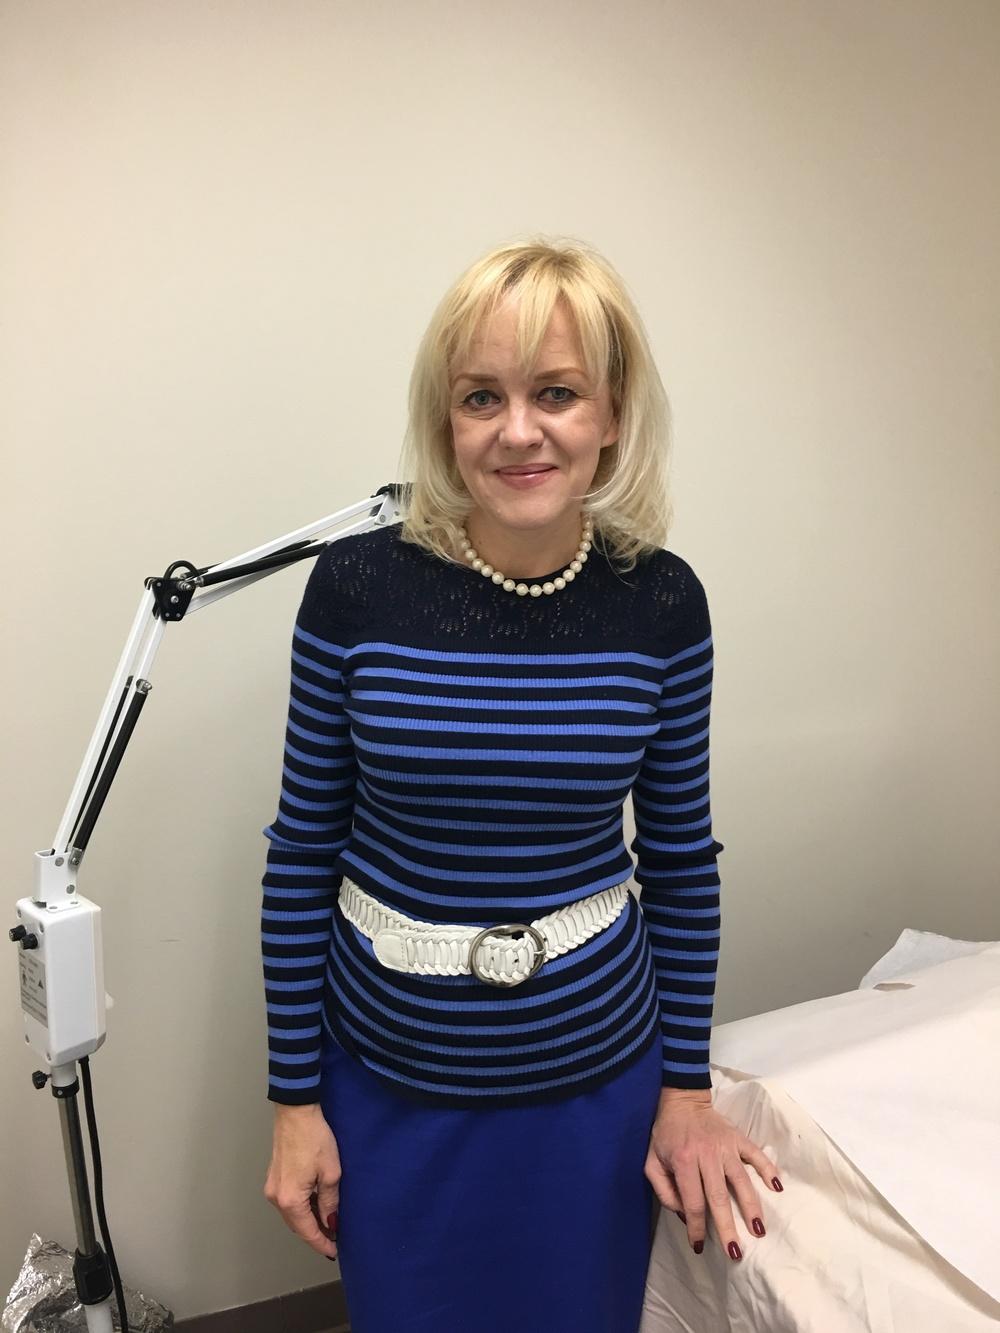 Lead Acupuncturist - Dr. Olga Selcova